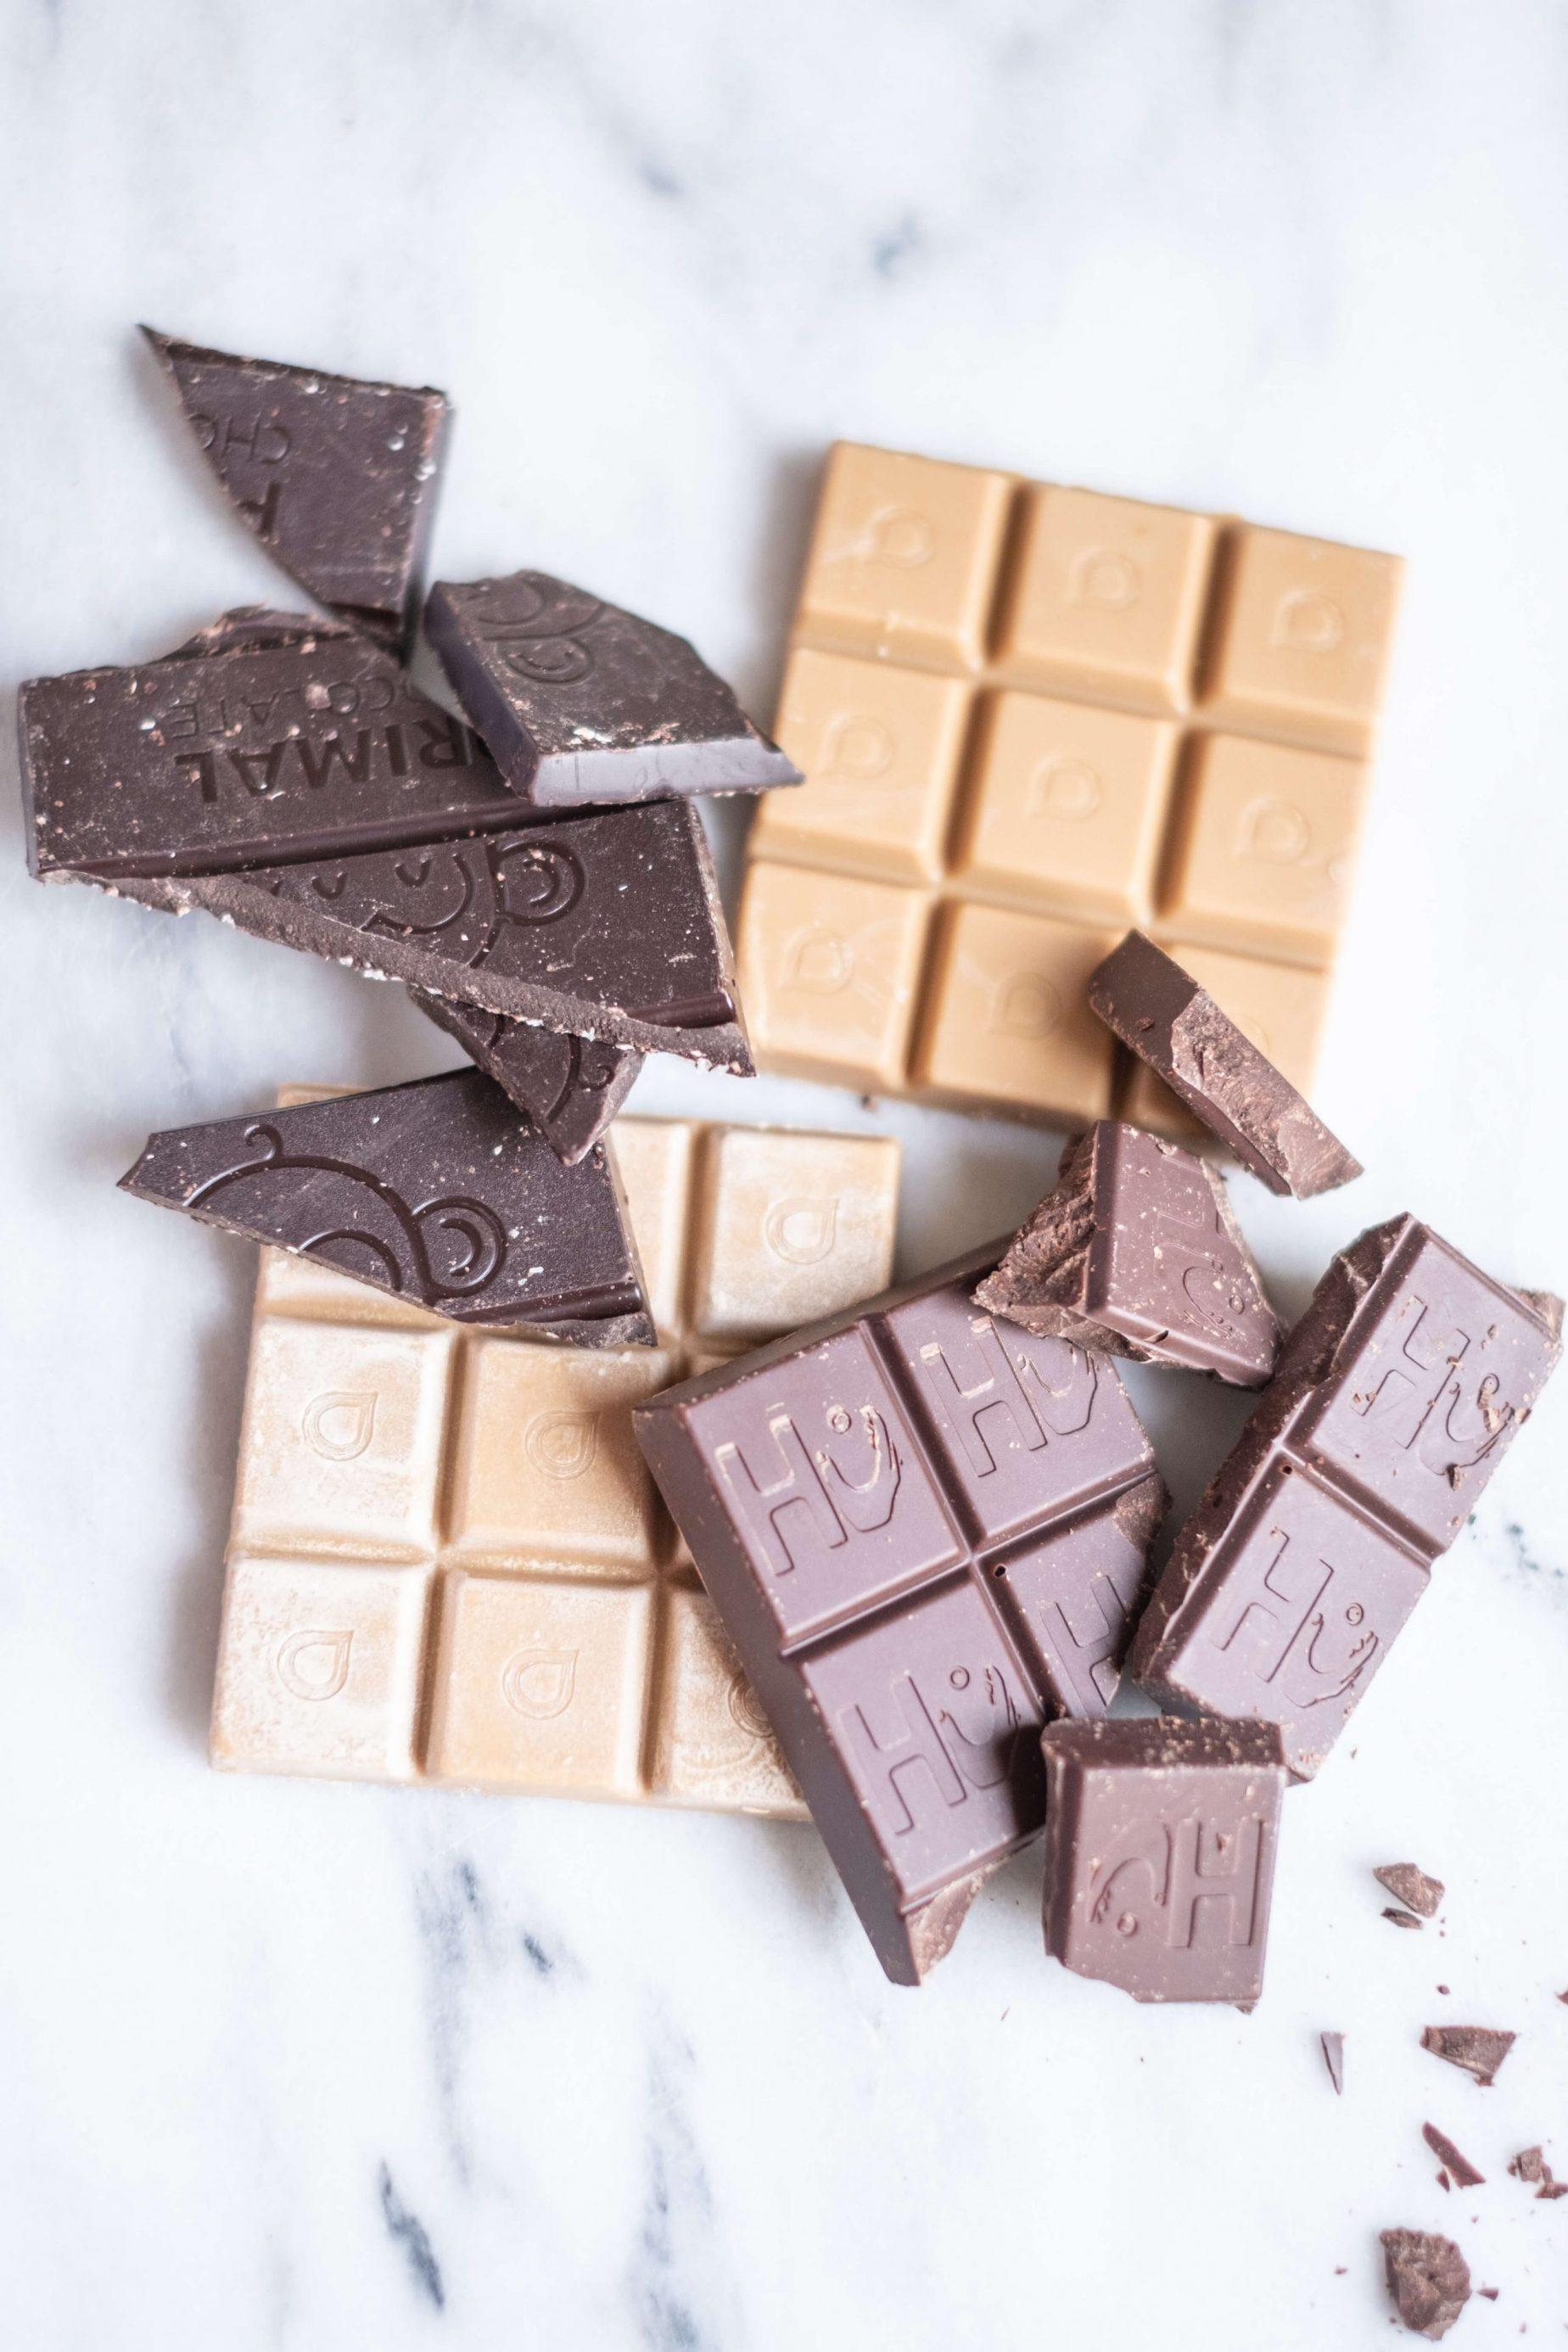 Vegan Chocolate- My Top Picks For Every Chocolate Lover #whatsavvysaid #veganchocolate #paleochocolate #lovingearth #eatingevolved #hukitchen #refinedsugarfree #vegan #glutenfree